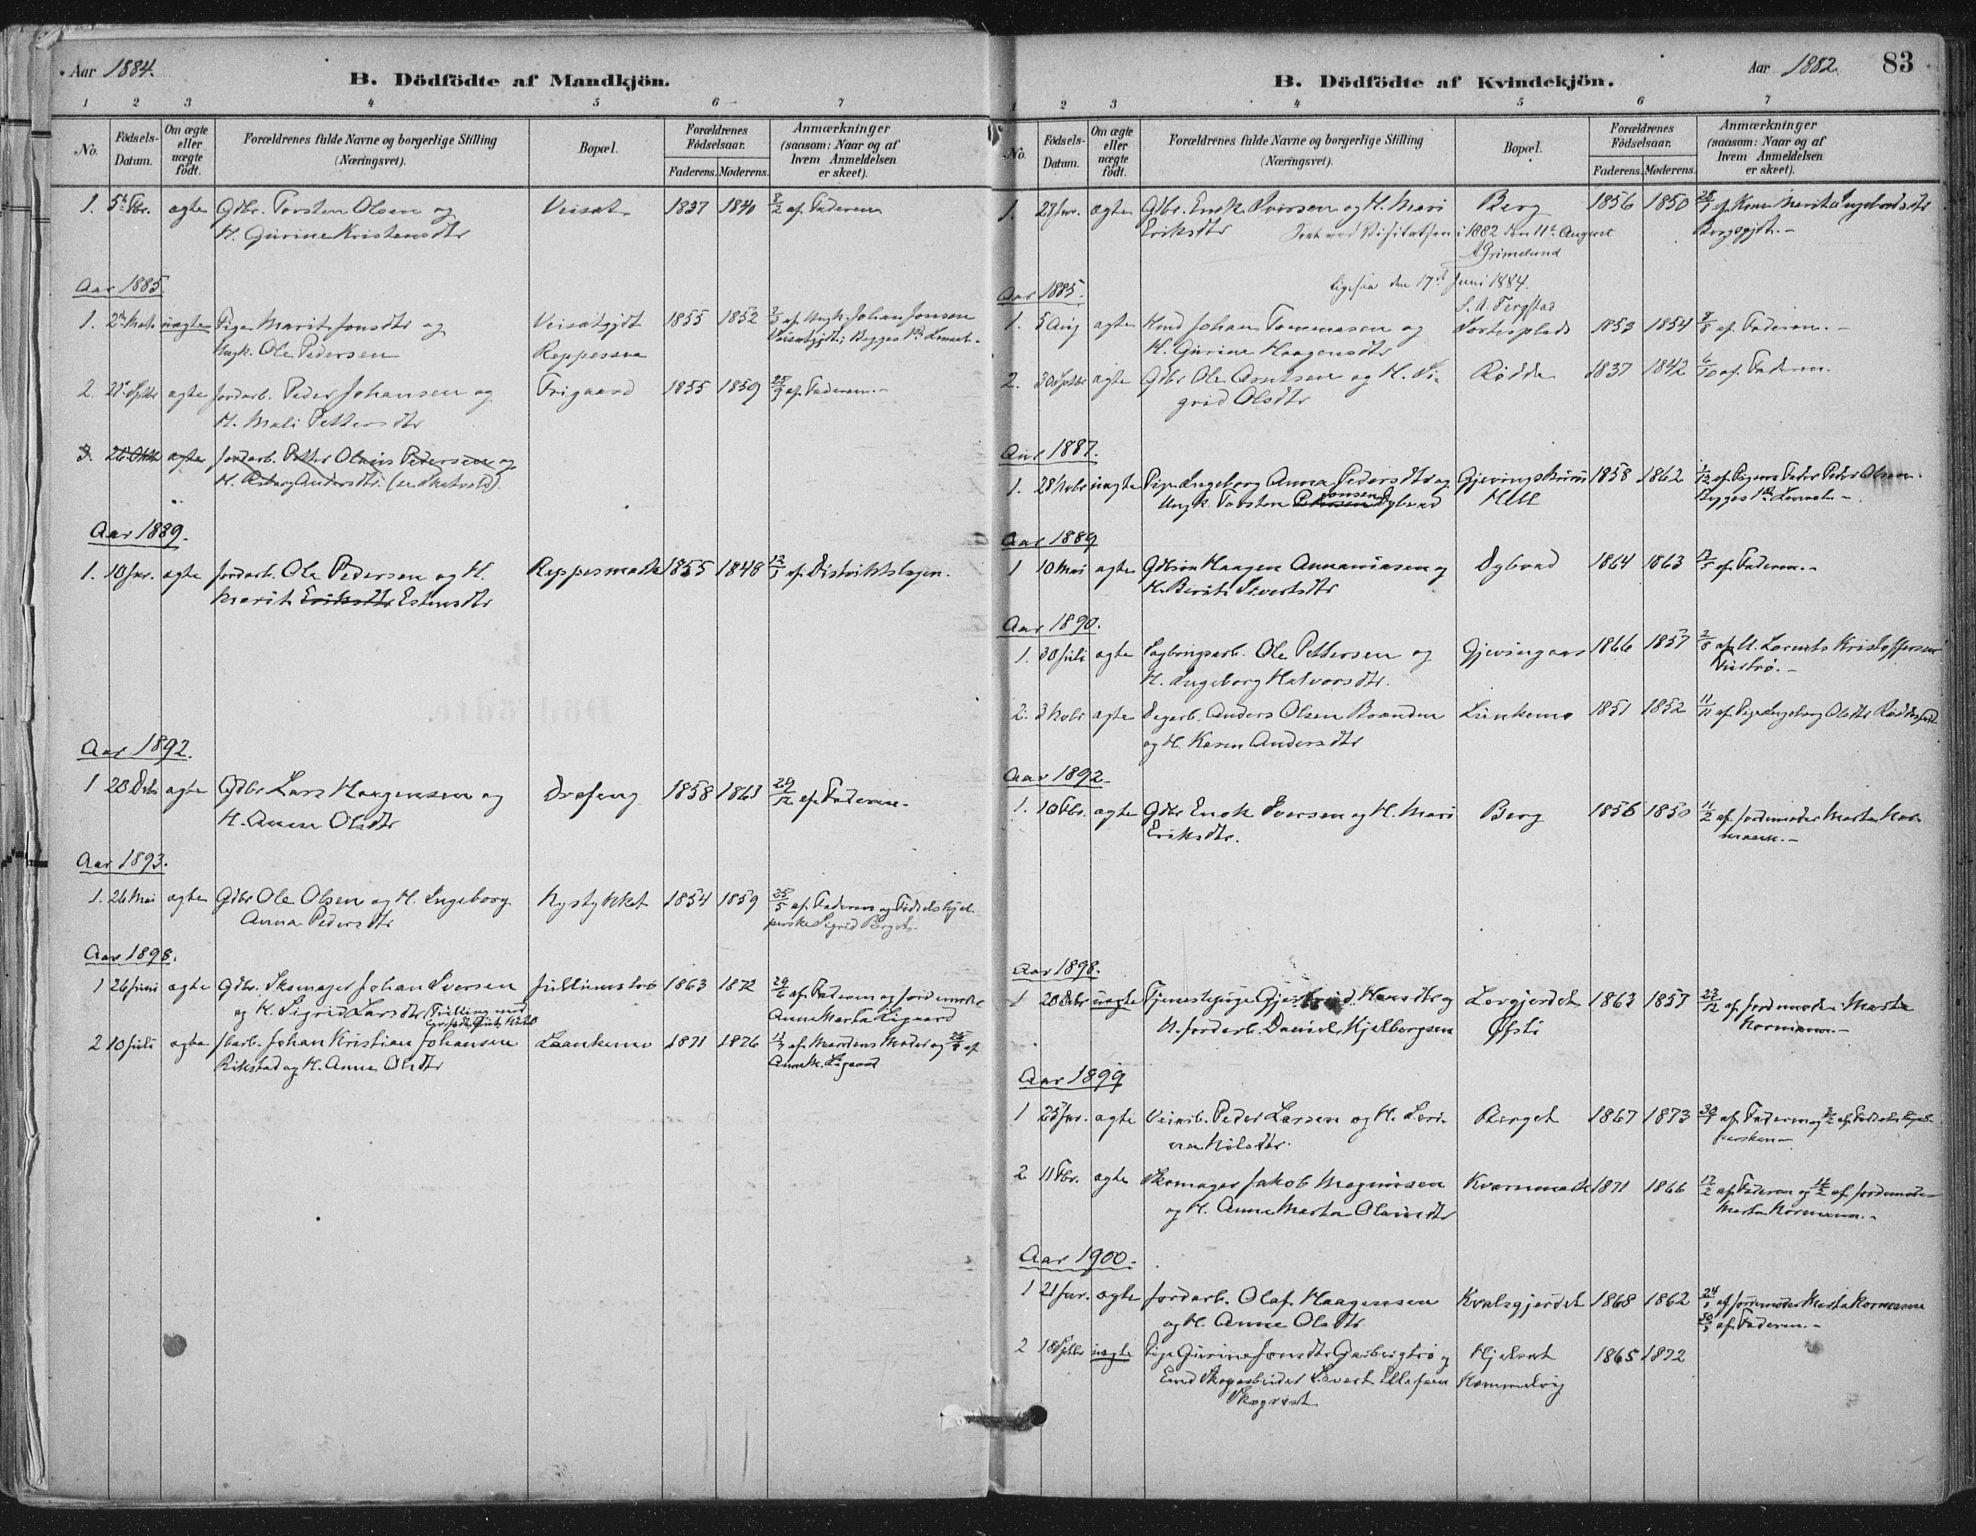 SAT, Ministerialprotokoller, klokkerbøker og fødselsregistre - Nord-Trøndelag, 710/L0095: Ministerialbok nr. 710A01, 1880-1914, s. 83